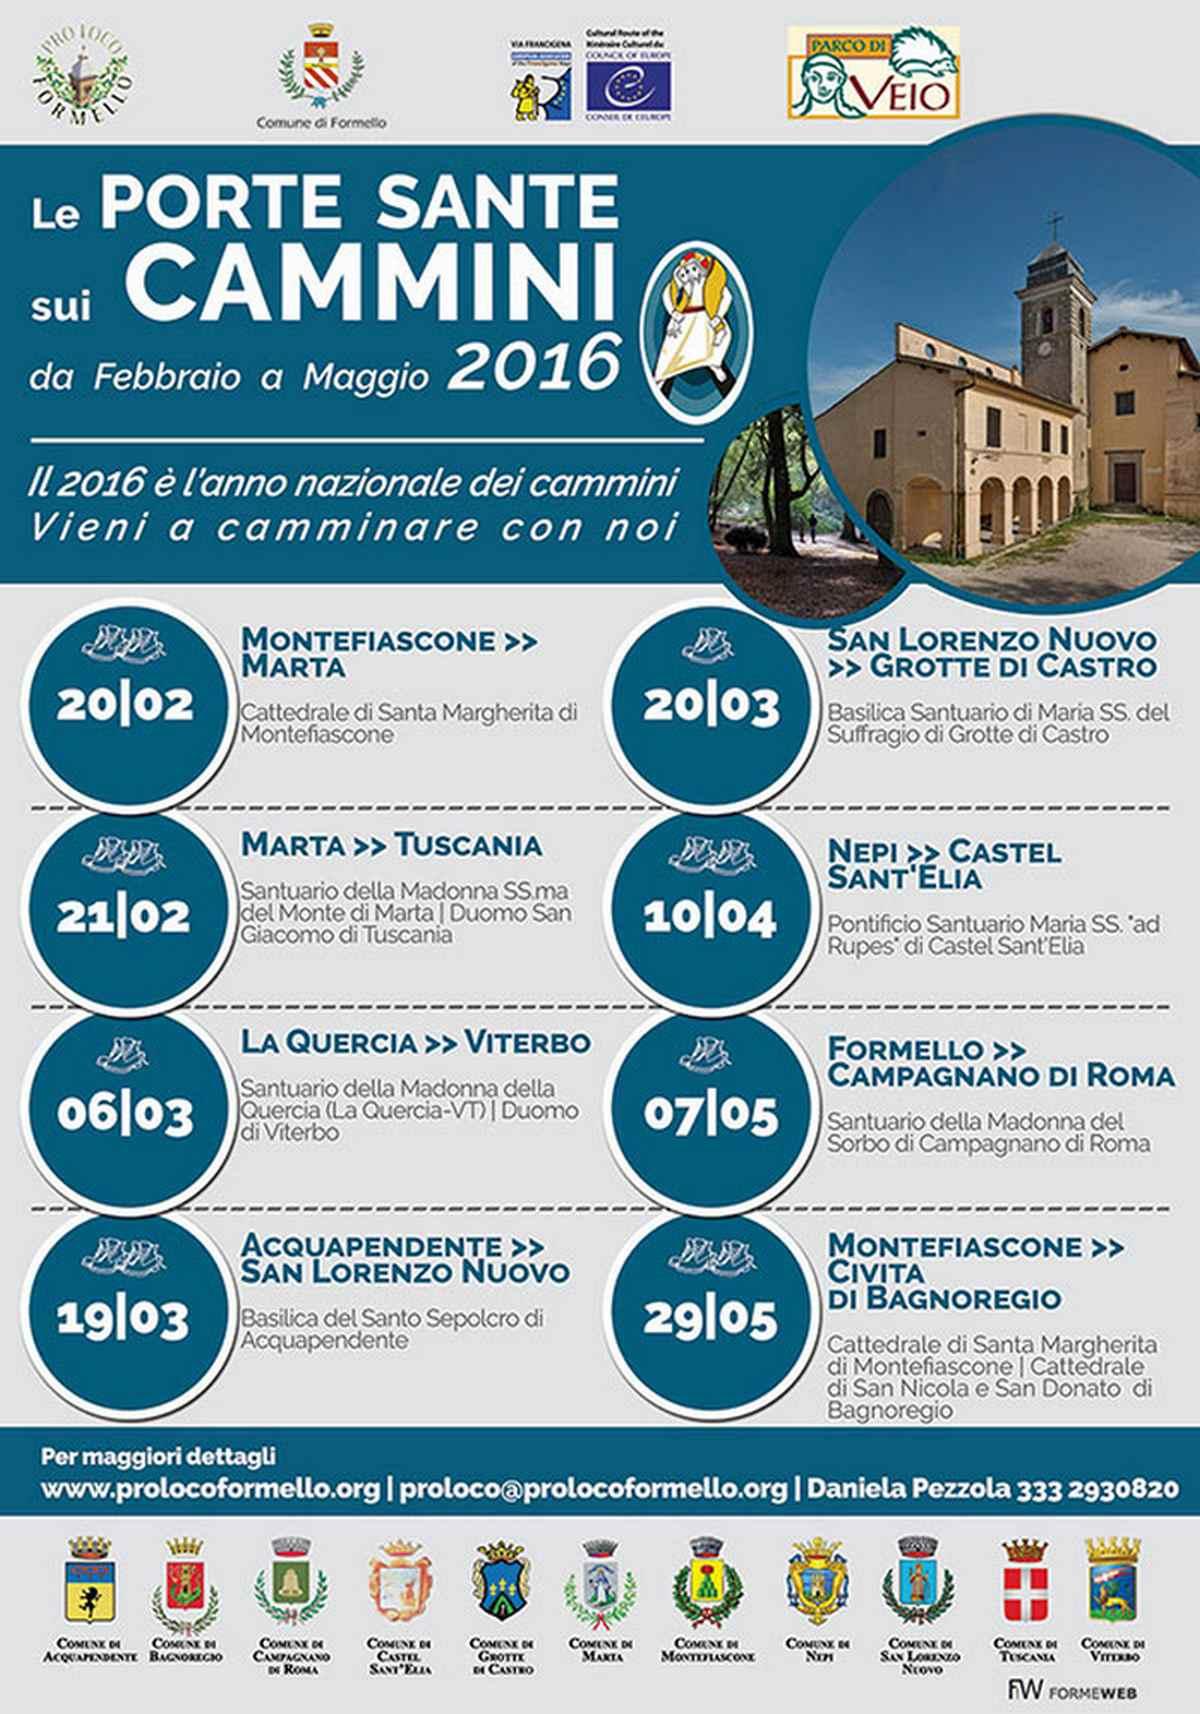 cammino_porte_sante_locandina